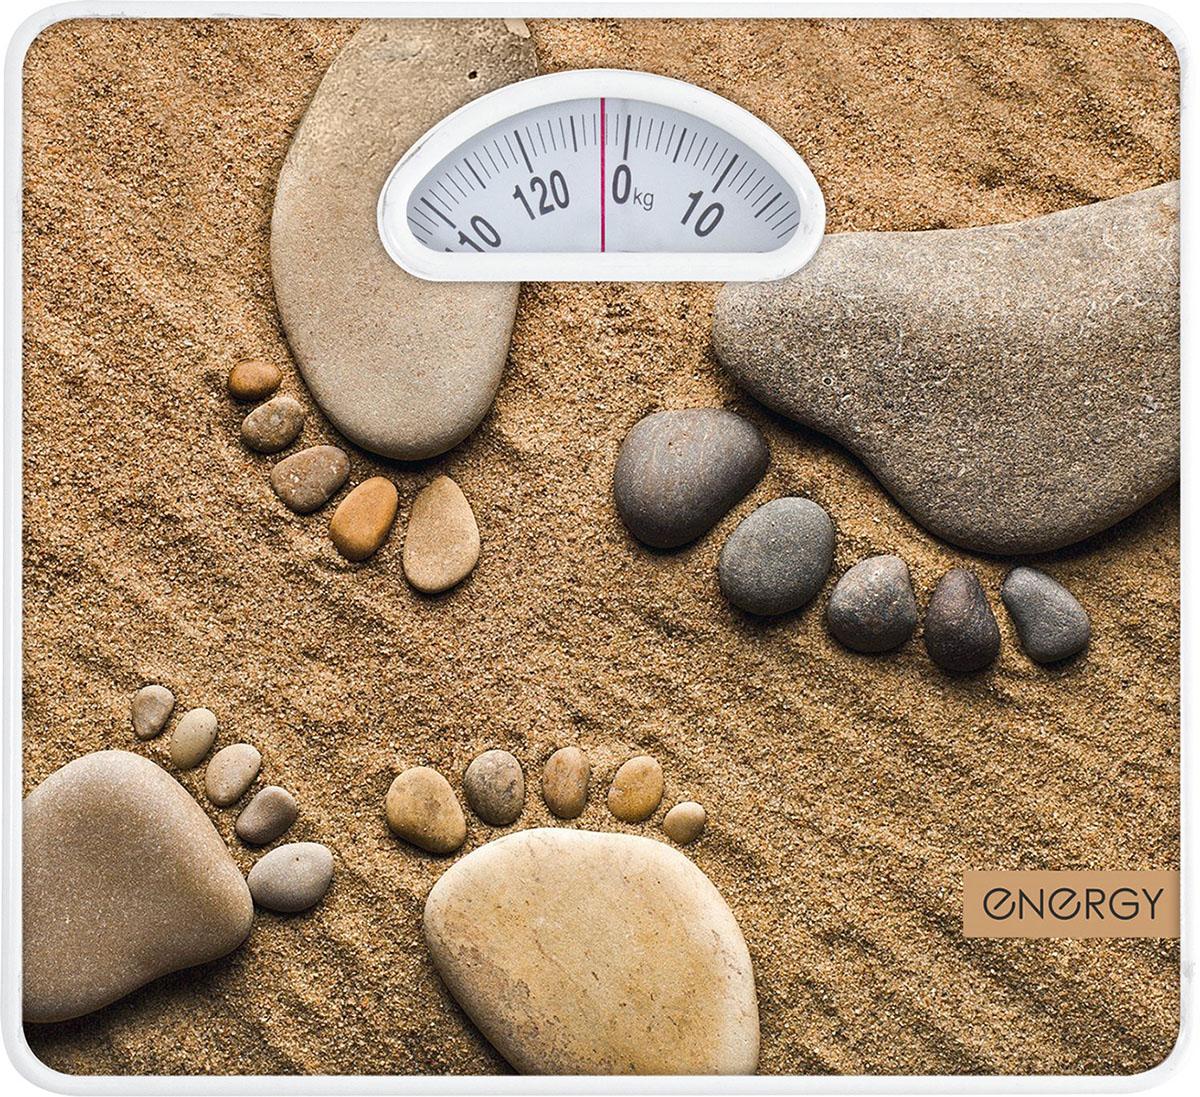 Energy ENМ-408D напольные весы54 003115Напольные механические весы Energy ENМ-408D - неотъемлемый атрибут здорового образа жизни. Они необходимы тем, кто следит за своим здоровьем, весом, ведет активный образ жизни, занимается спортом и фитнесом. Очень удобны для будущих мам, постоянно контролирующих прибавку в весе, также рекомендуются родителям, внимательно следящим за весом своих детей.Надежный механизмКрупный шрифт надписей на шкалеЦена деления: 1 кг